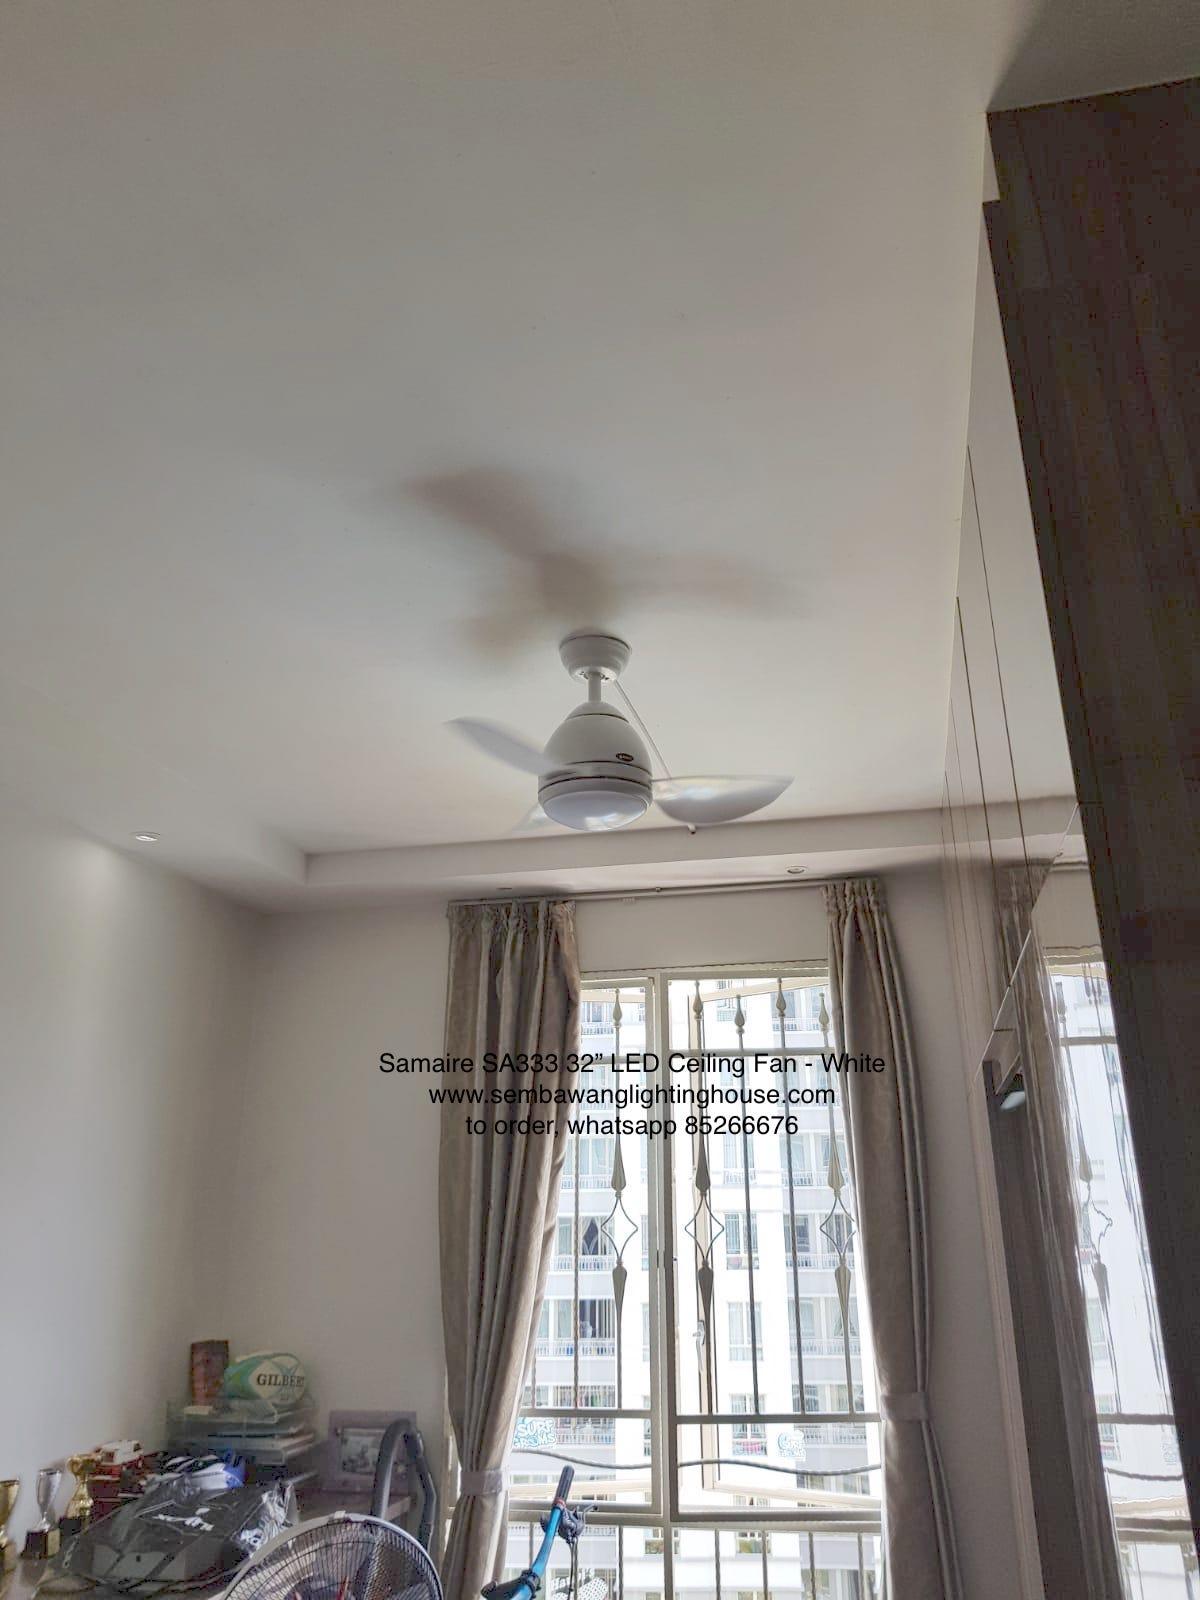 sample05-samaire-sa333-ceiling-fan-white-sembawang-lighting-house.jpg